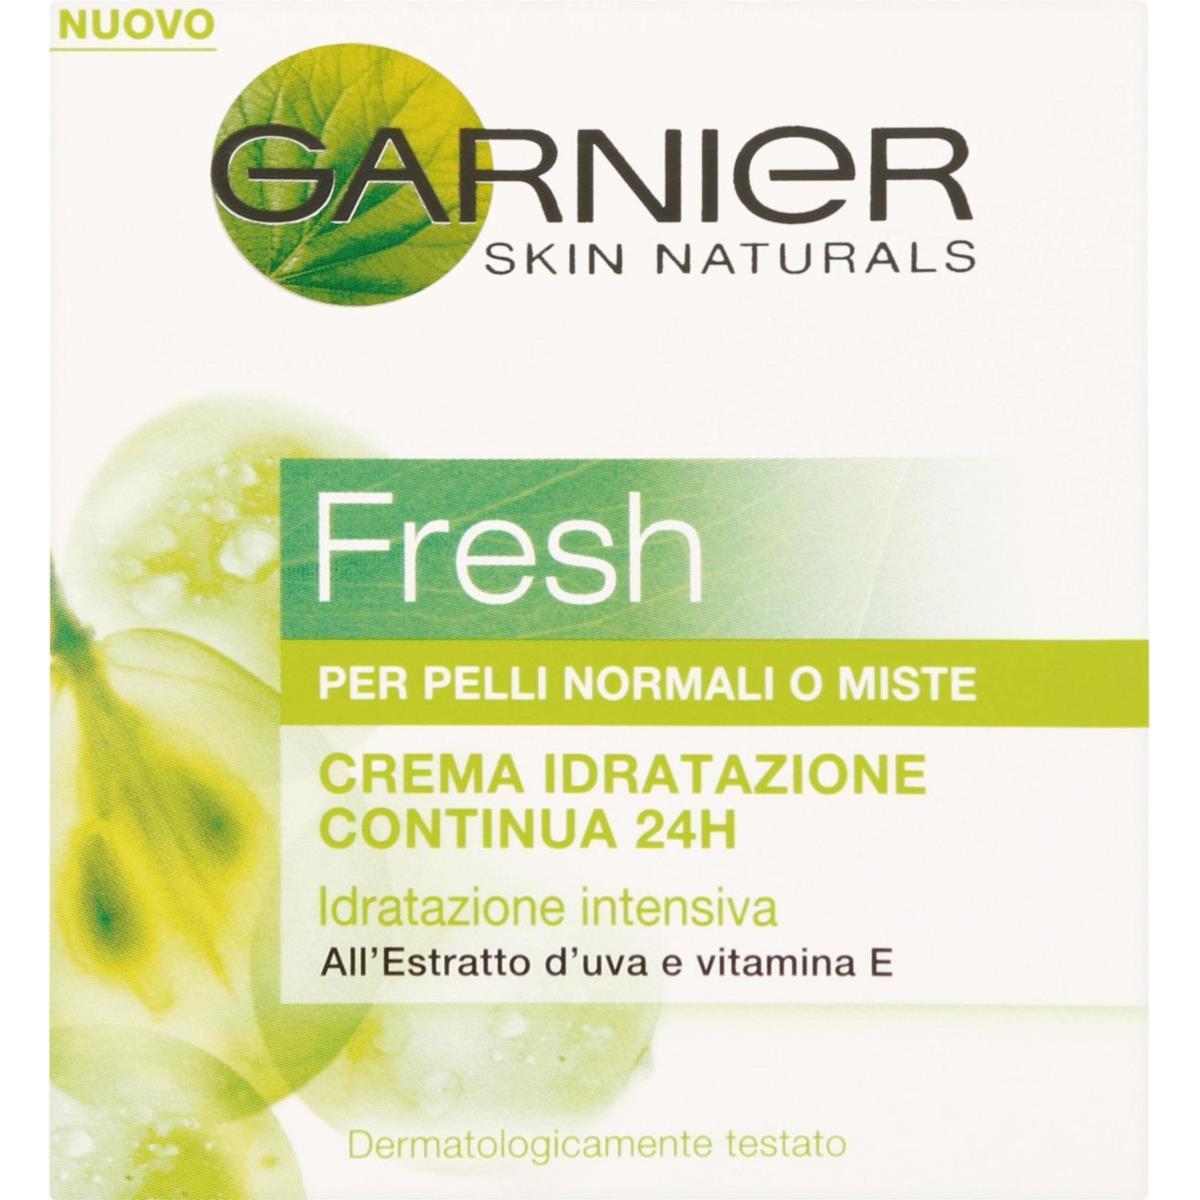 Fresh - Crema idratazione continua 24H per pelli normali o miste - 50 ml